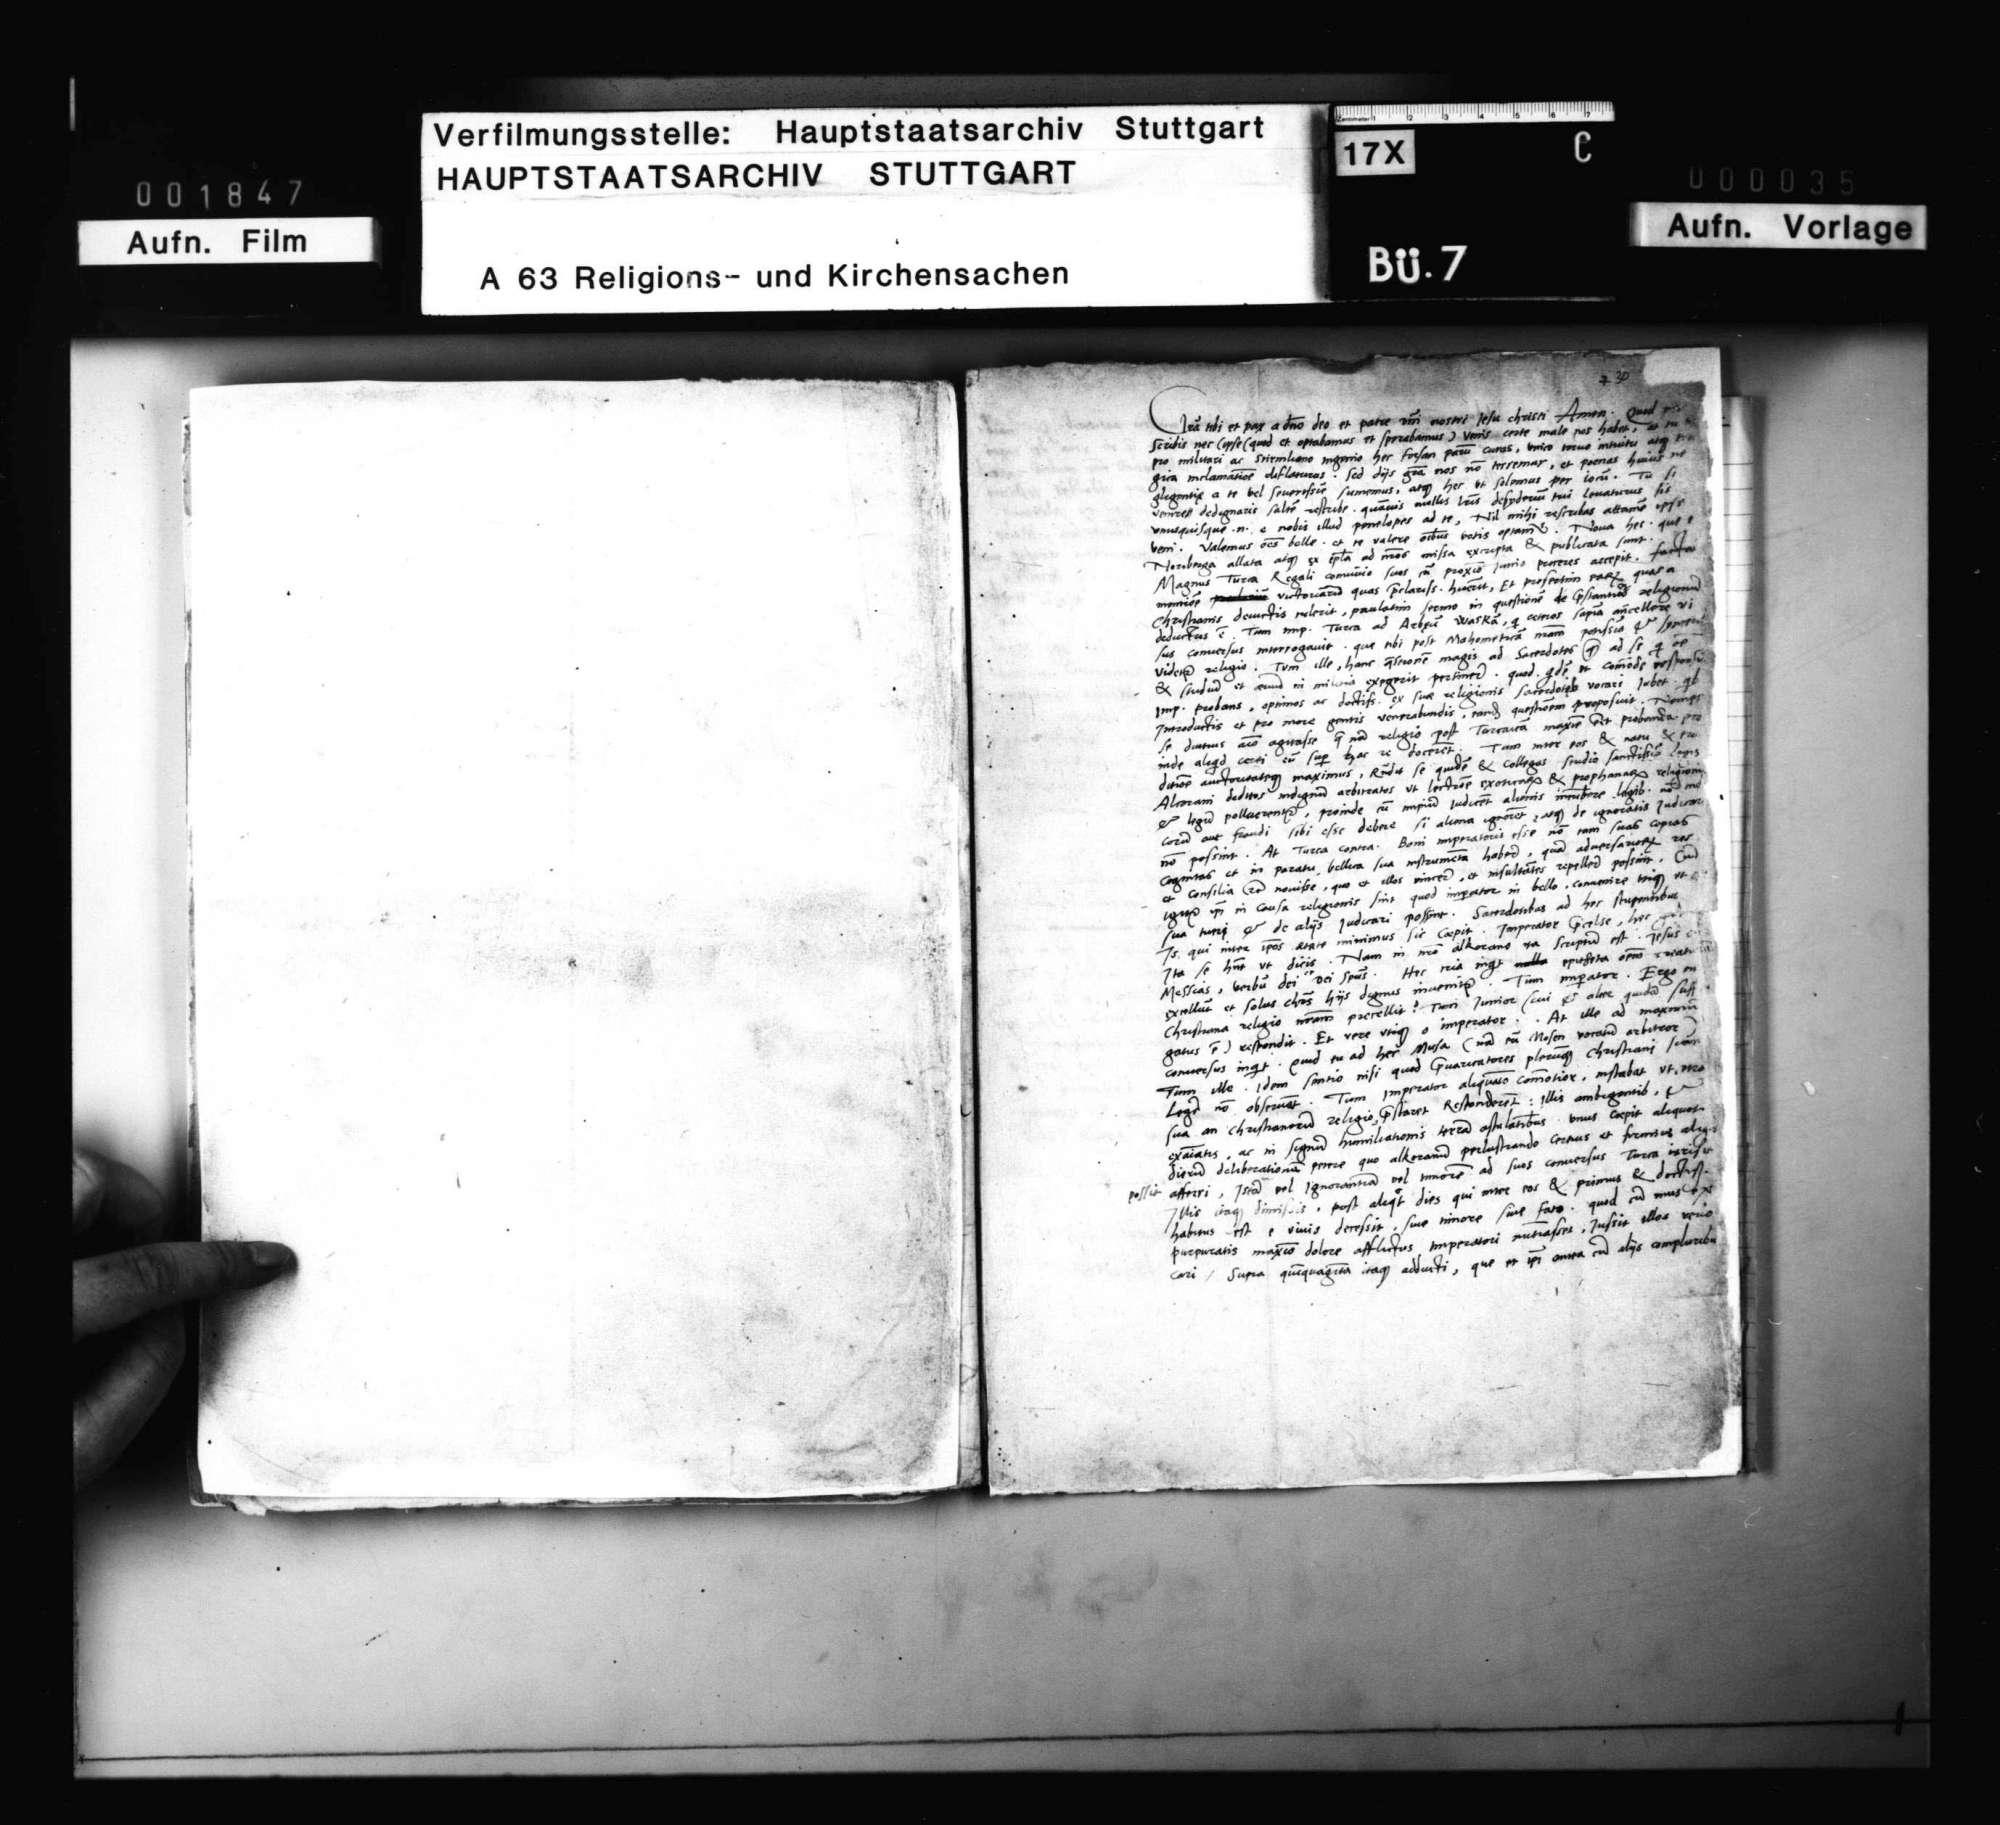 Schreiben des M. Alber und Johann Schradinus, betreffend Zeitungen über das Aufkommen des Christentums in der Türkei., Bild 1